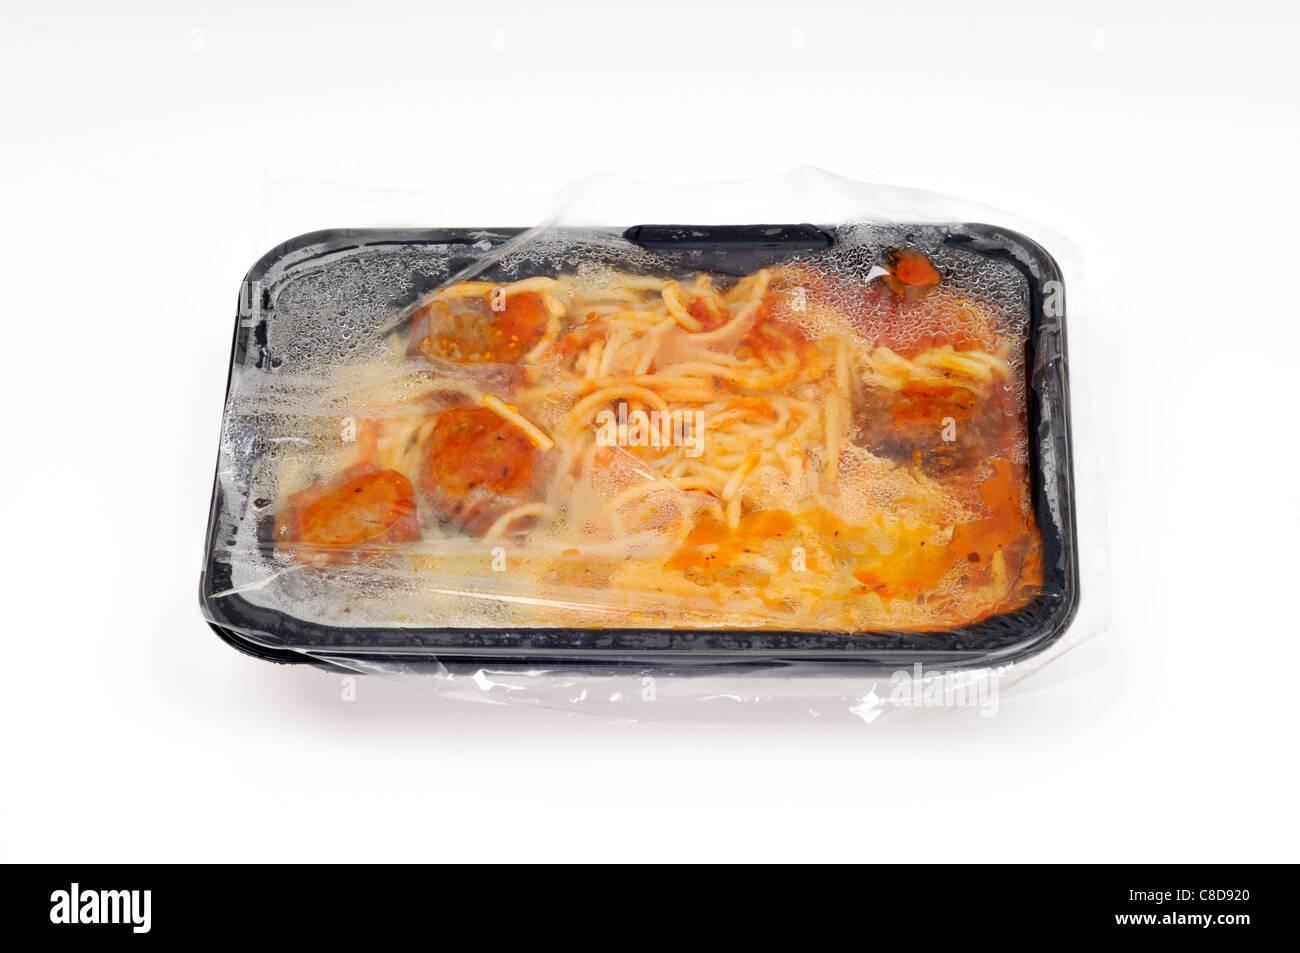 Le bac d'un four micro-ondes, cuit et chaud spaghetti et boulettes de viande prêt repas avec plateau en Photo Stock